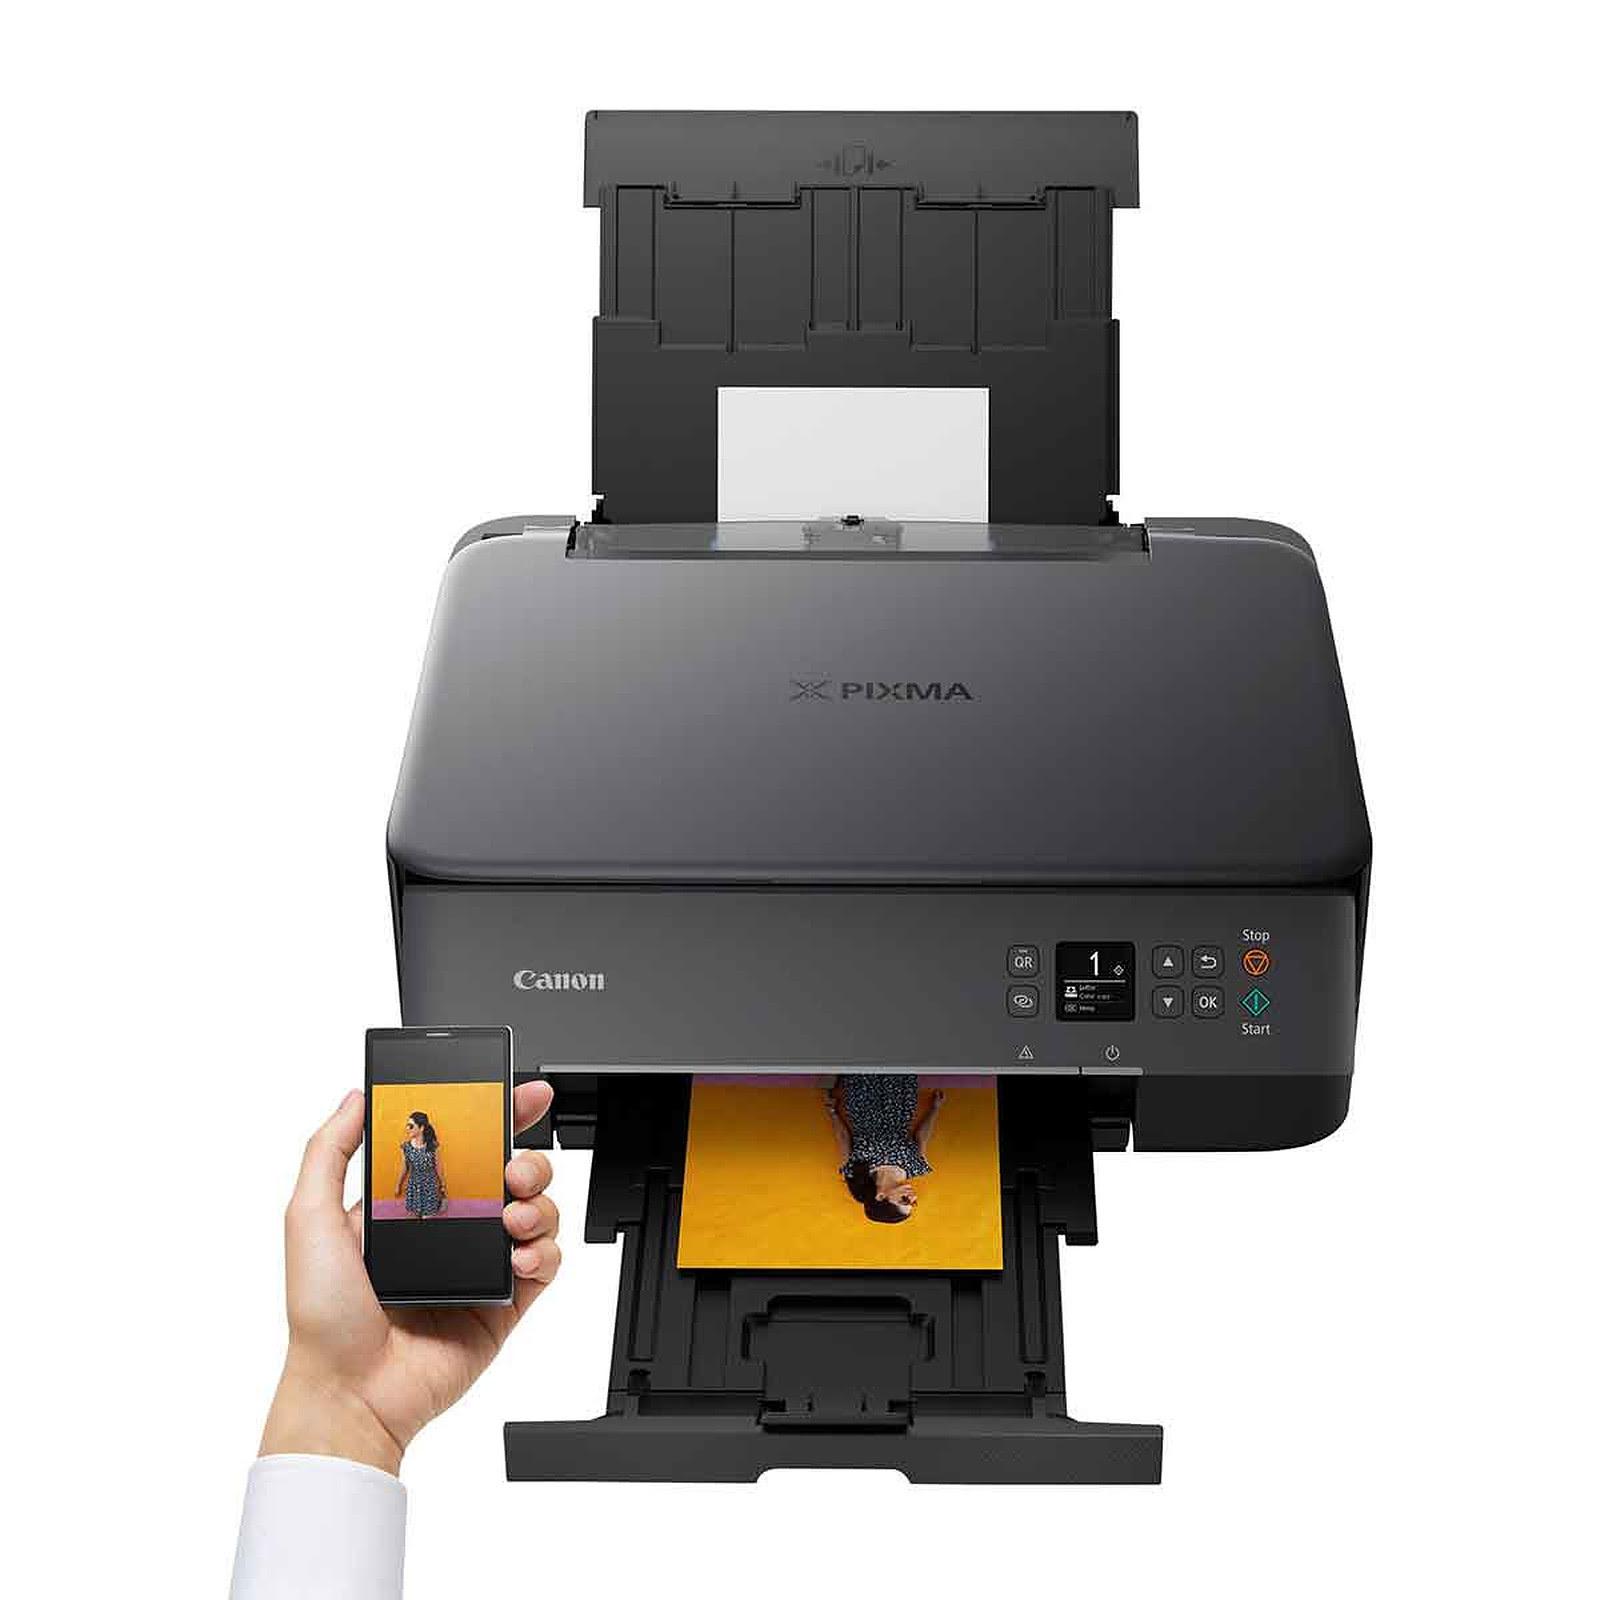 PIXMA TS5350 (3773C006 **) - Achat / Vente Imprimante multifonction sur Picata.fr - 1